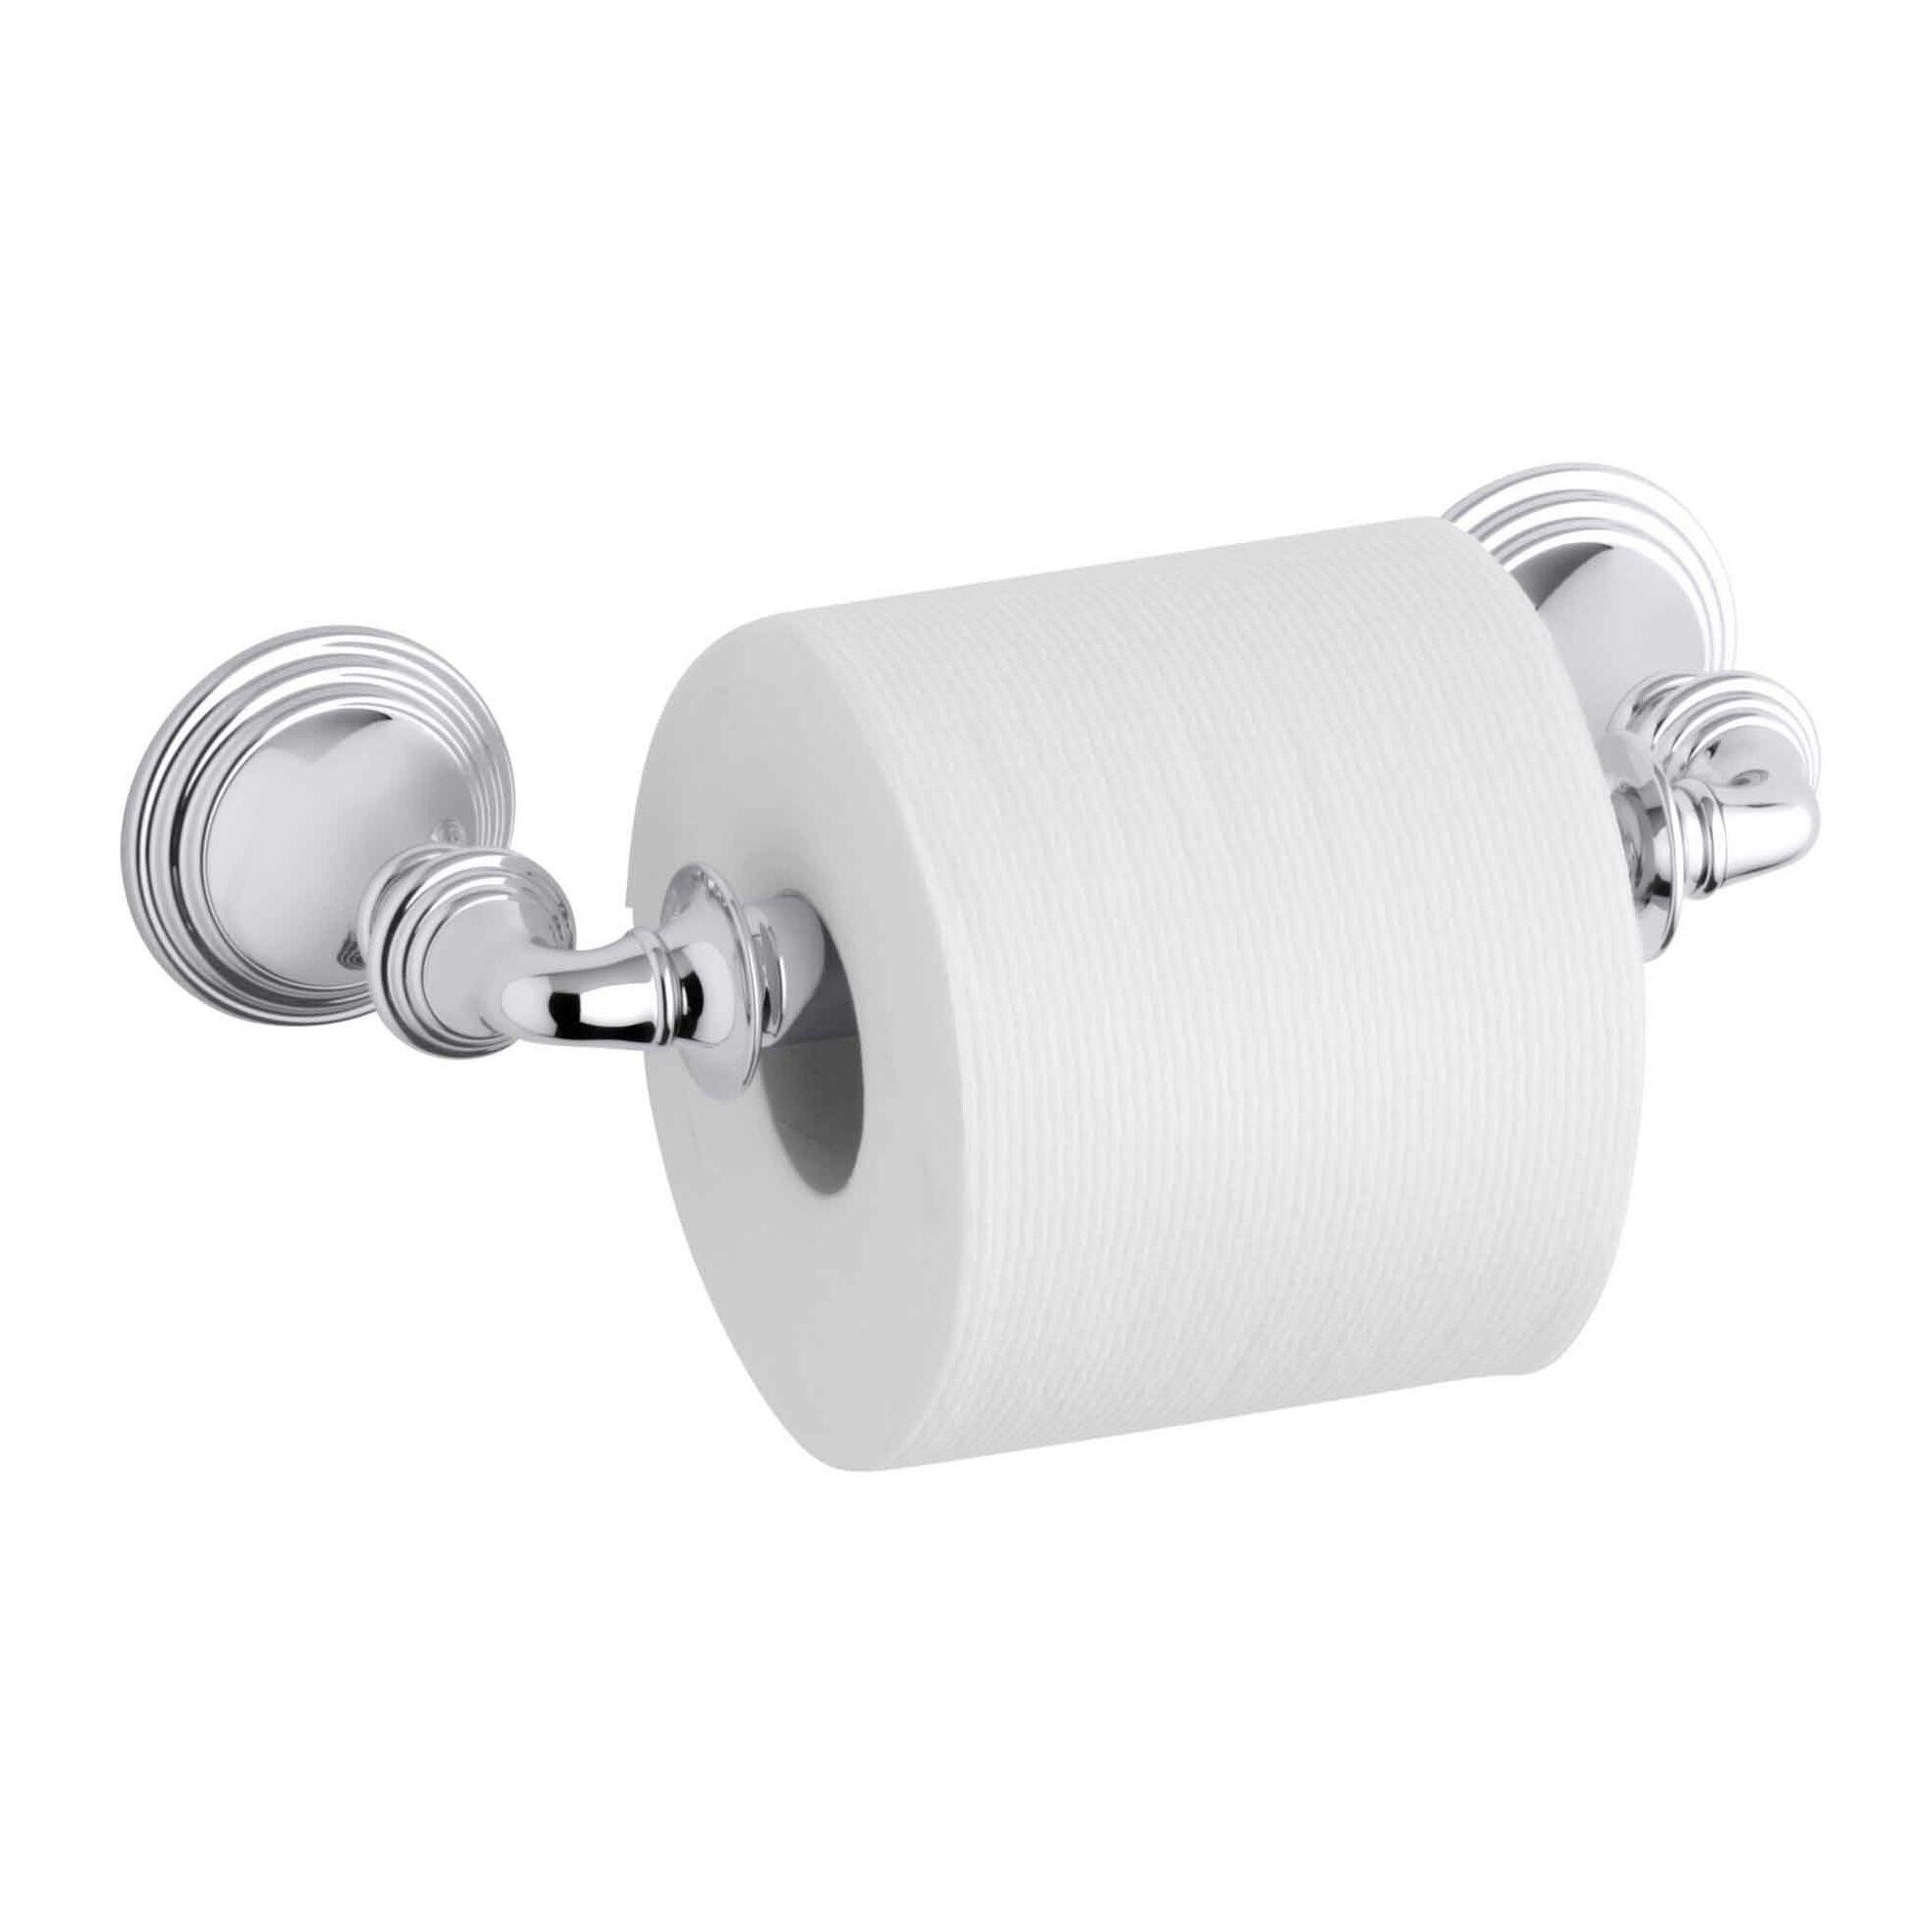 Kohler Devonshire Toilet Tissue Holder. Kohler Devonshire Toilet Tissue Holder   Reviews   Wayfair